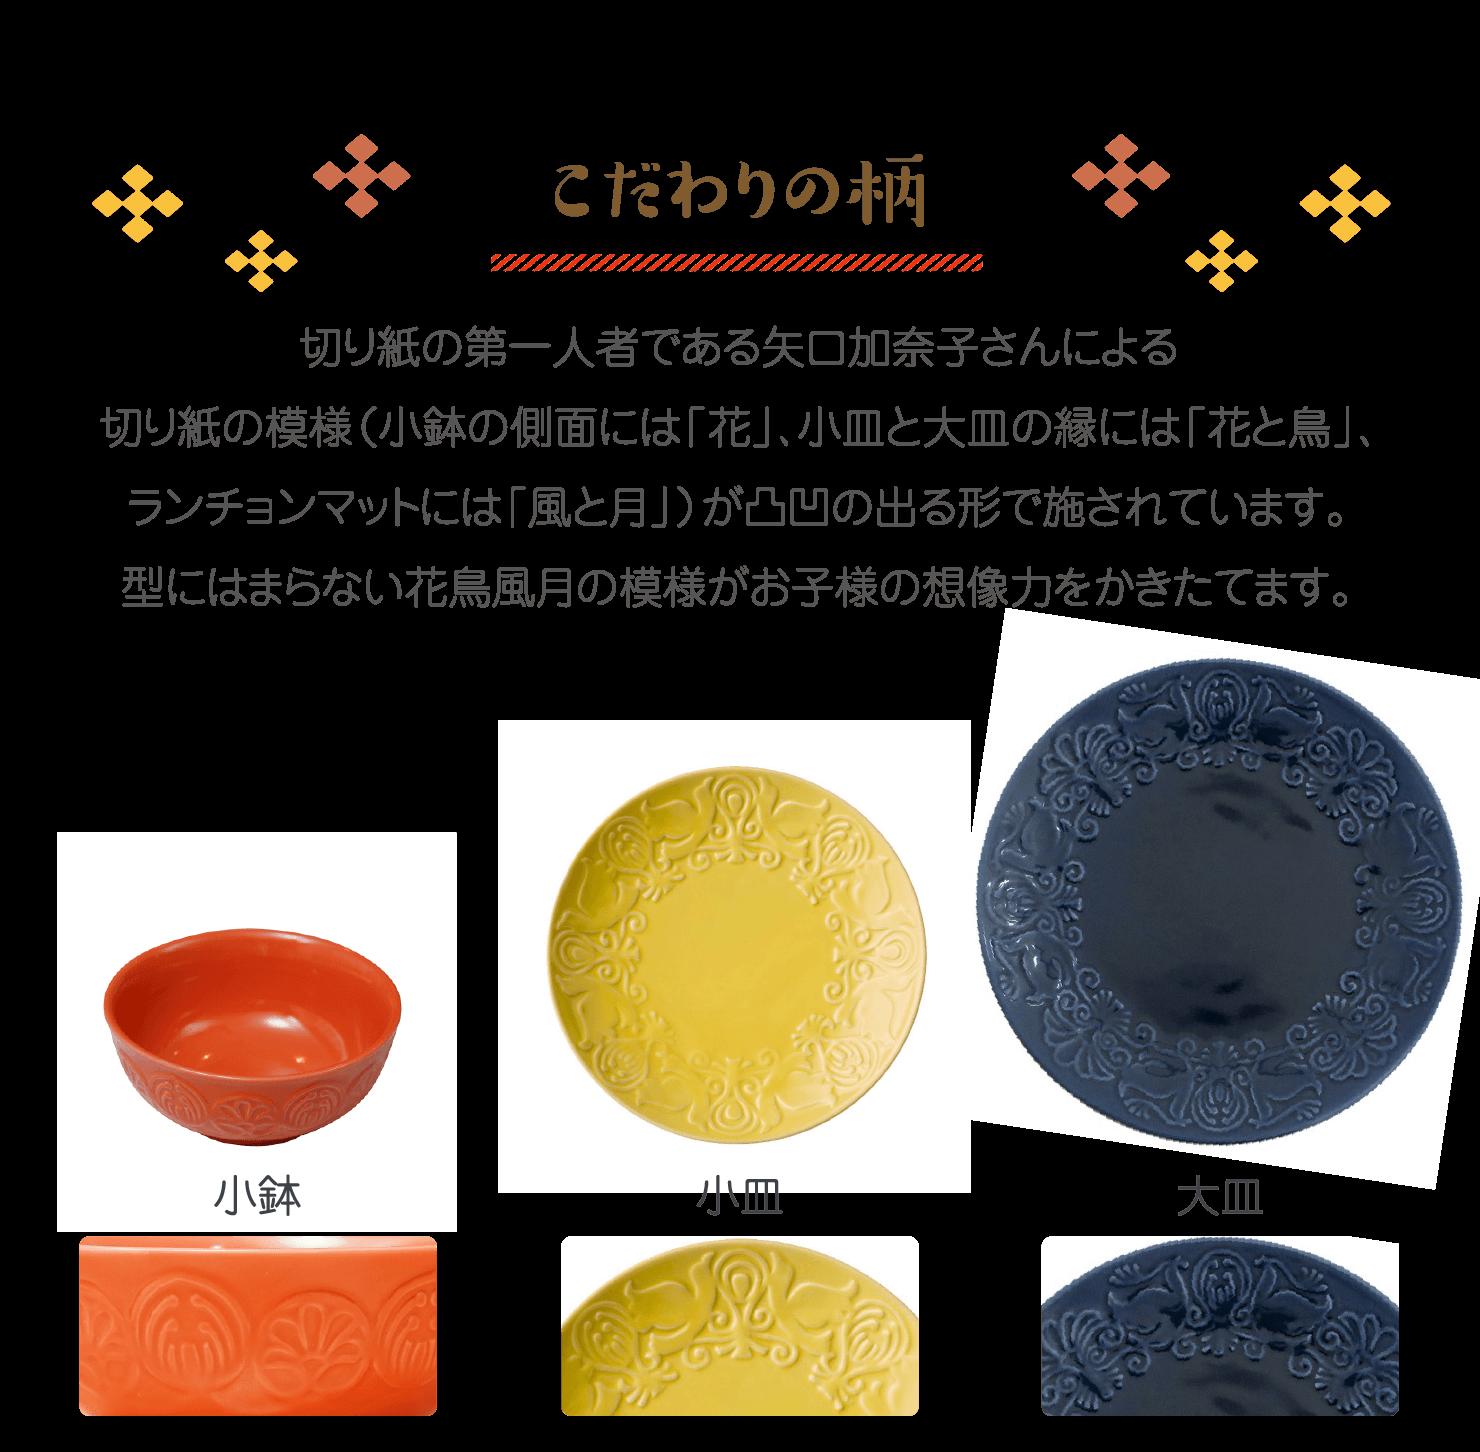 こだわりの柄 切り紙の第一人者である矢口加奈子さんによる切り紙の模様(小鉢の側面には「花」、小皿と大皿の縁には「花と鳥」、ランチョンマットには「風と月」)が凸凹の出る形で施されています。型にはまらない花鳥風月の模様がお子様の想像力をかきたてます。